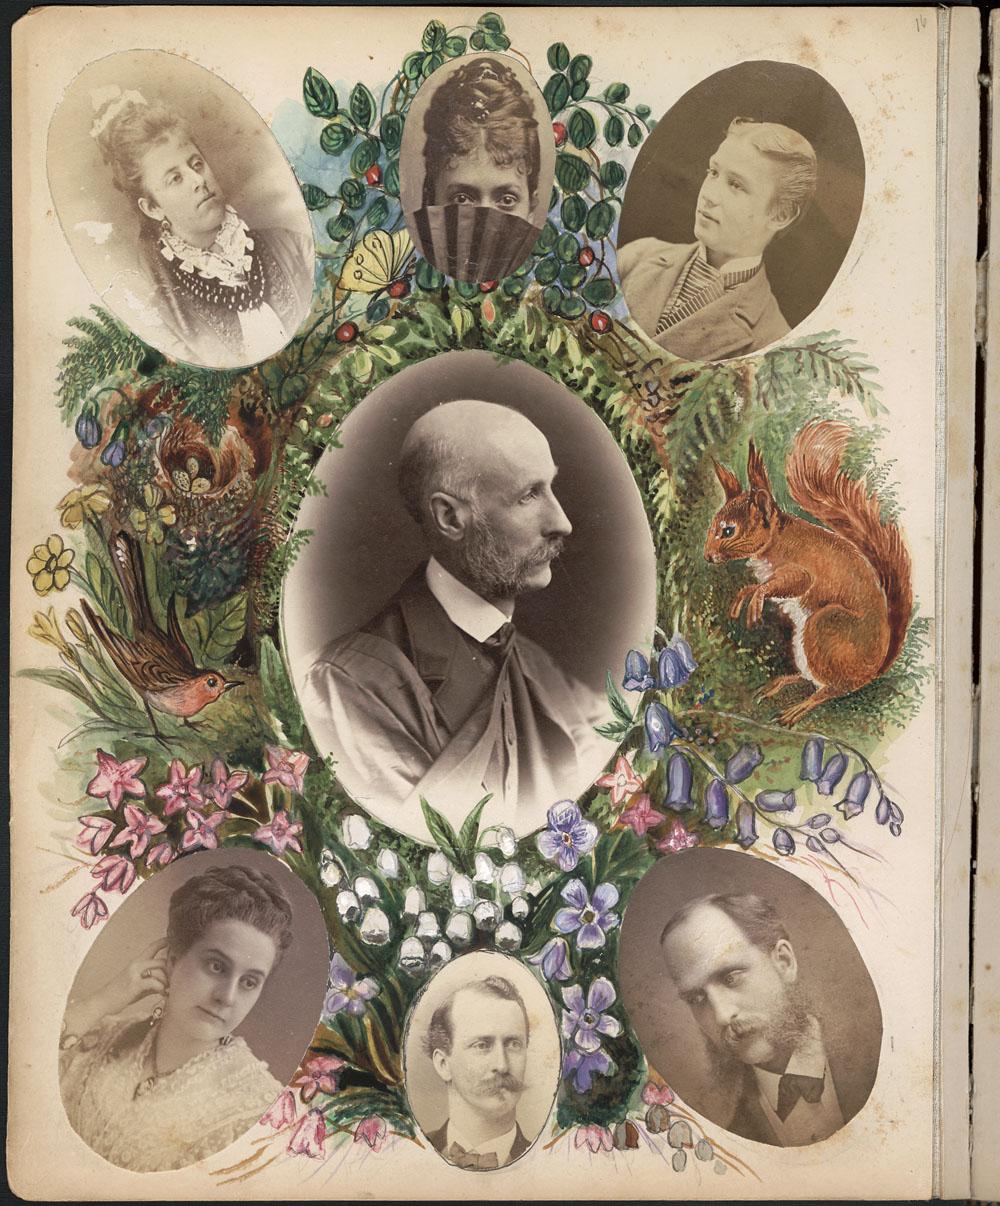 Page d'album avec une photo grand format d'un homme. Celle-ci est entourée de six petites photos d'hommes et de femmes. La page est ornée d'illustrations colorées : fleurs, oiseaux et écureuil.